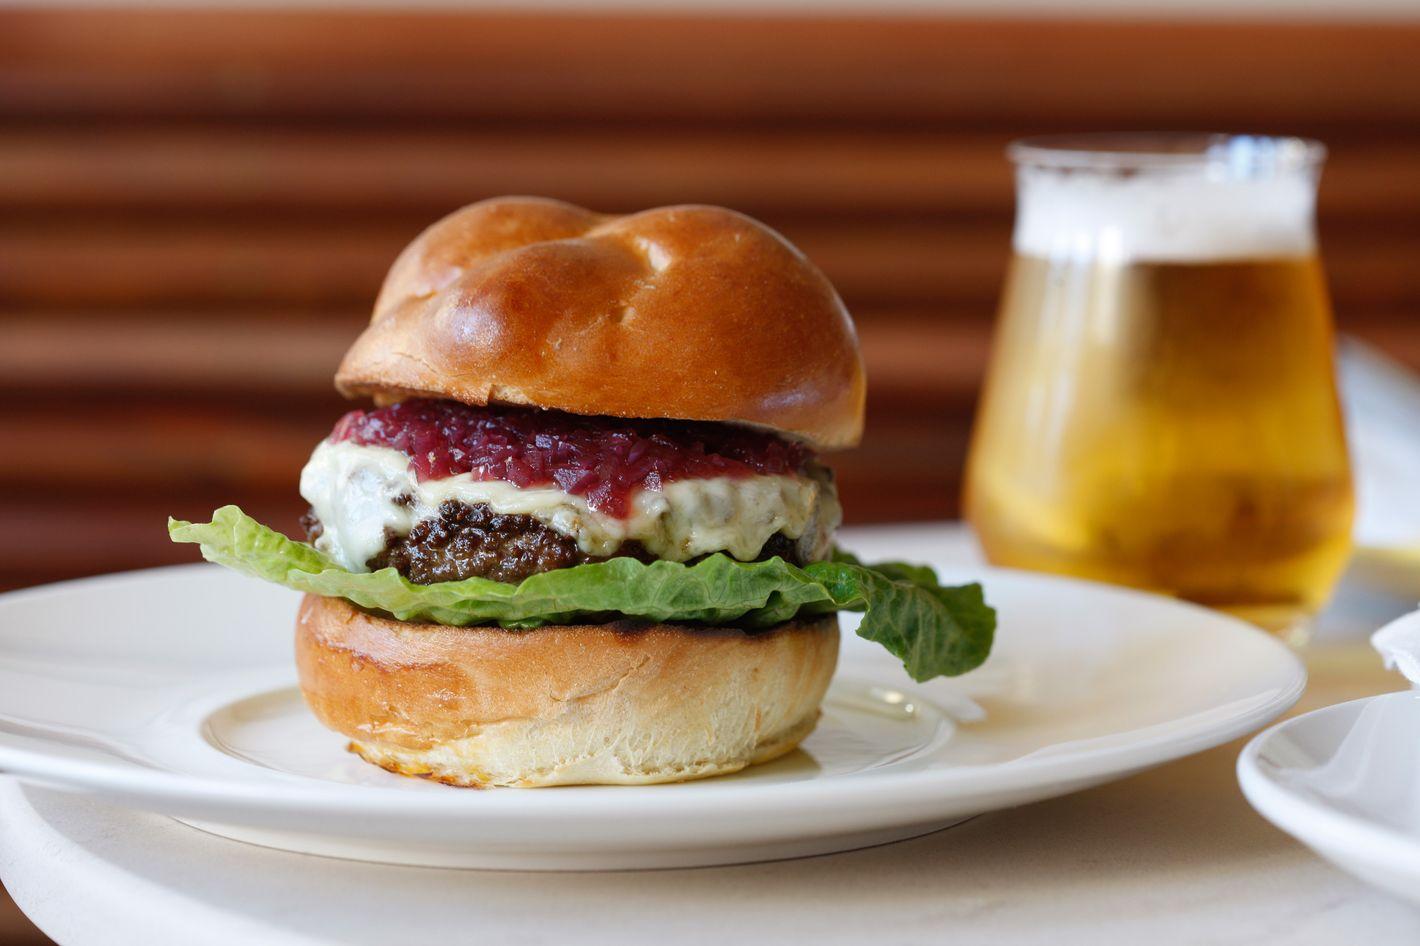 Freud Burger with farmhouse cheddar, onion jam, and crispy fennel.